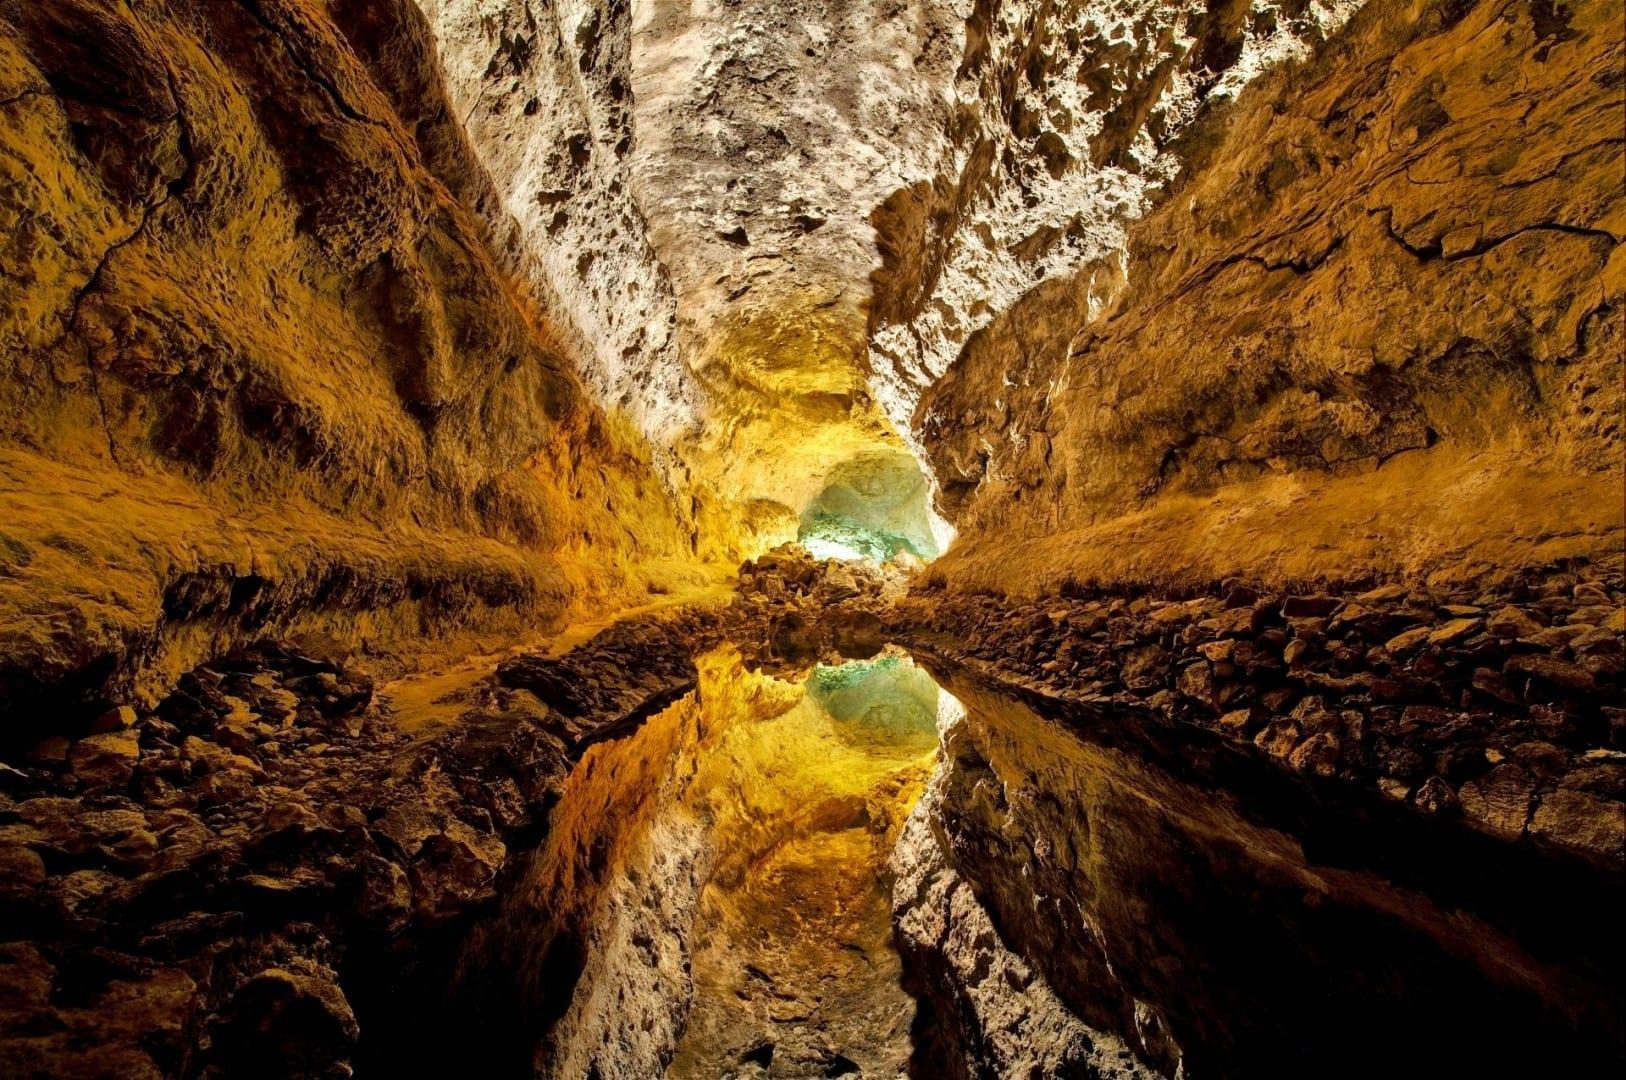 Cueva de los Verdes, con el techo reflejado en el agua en el suelo del tubo de lava Lanzarote (Islas Canarias) España